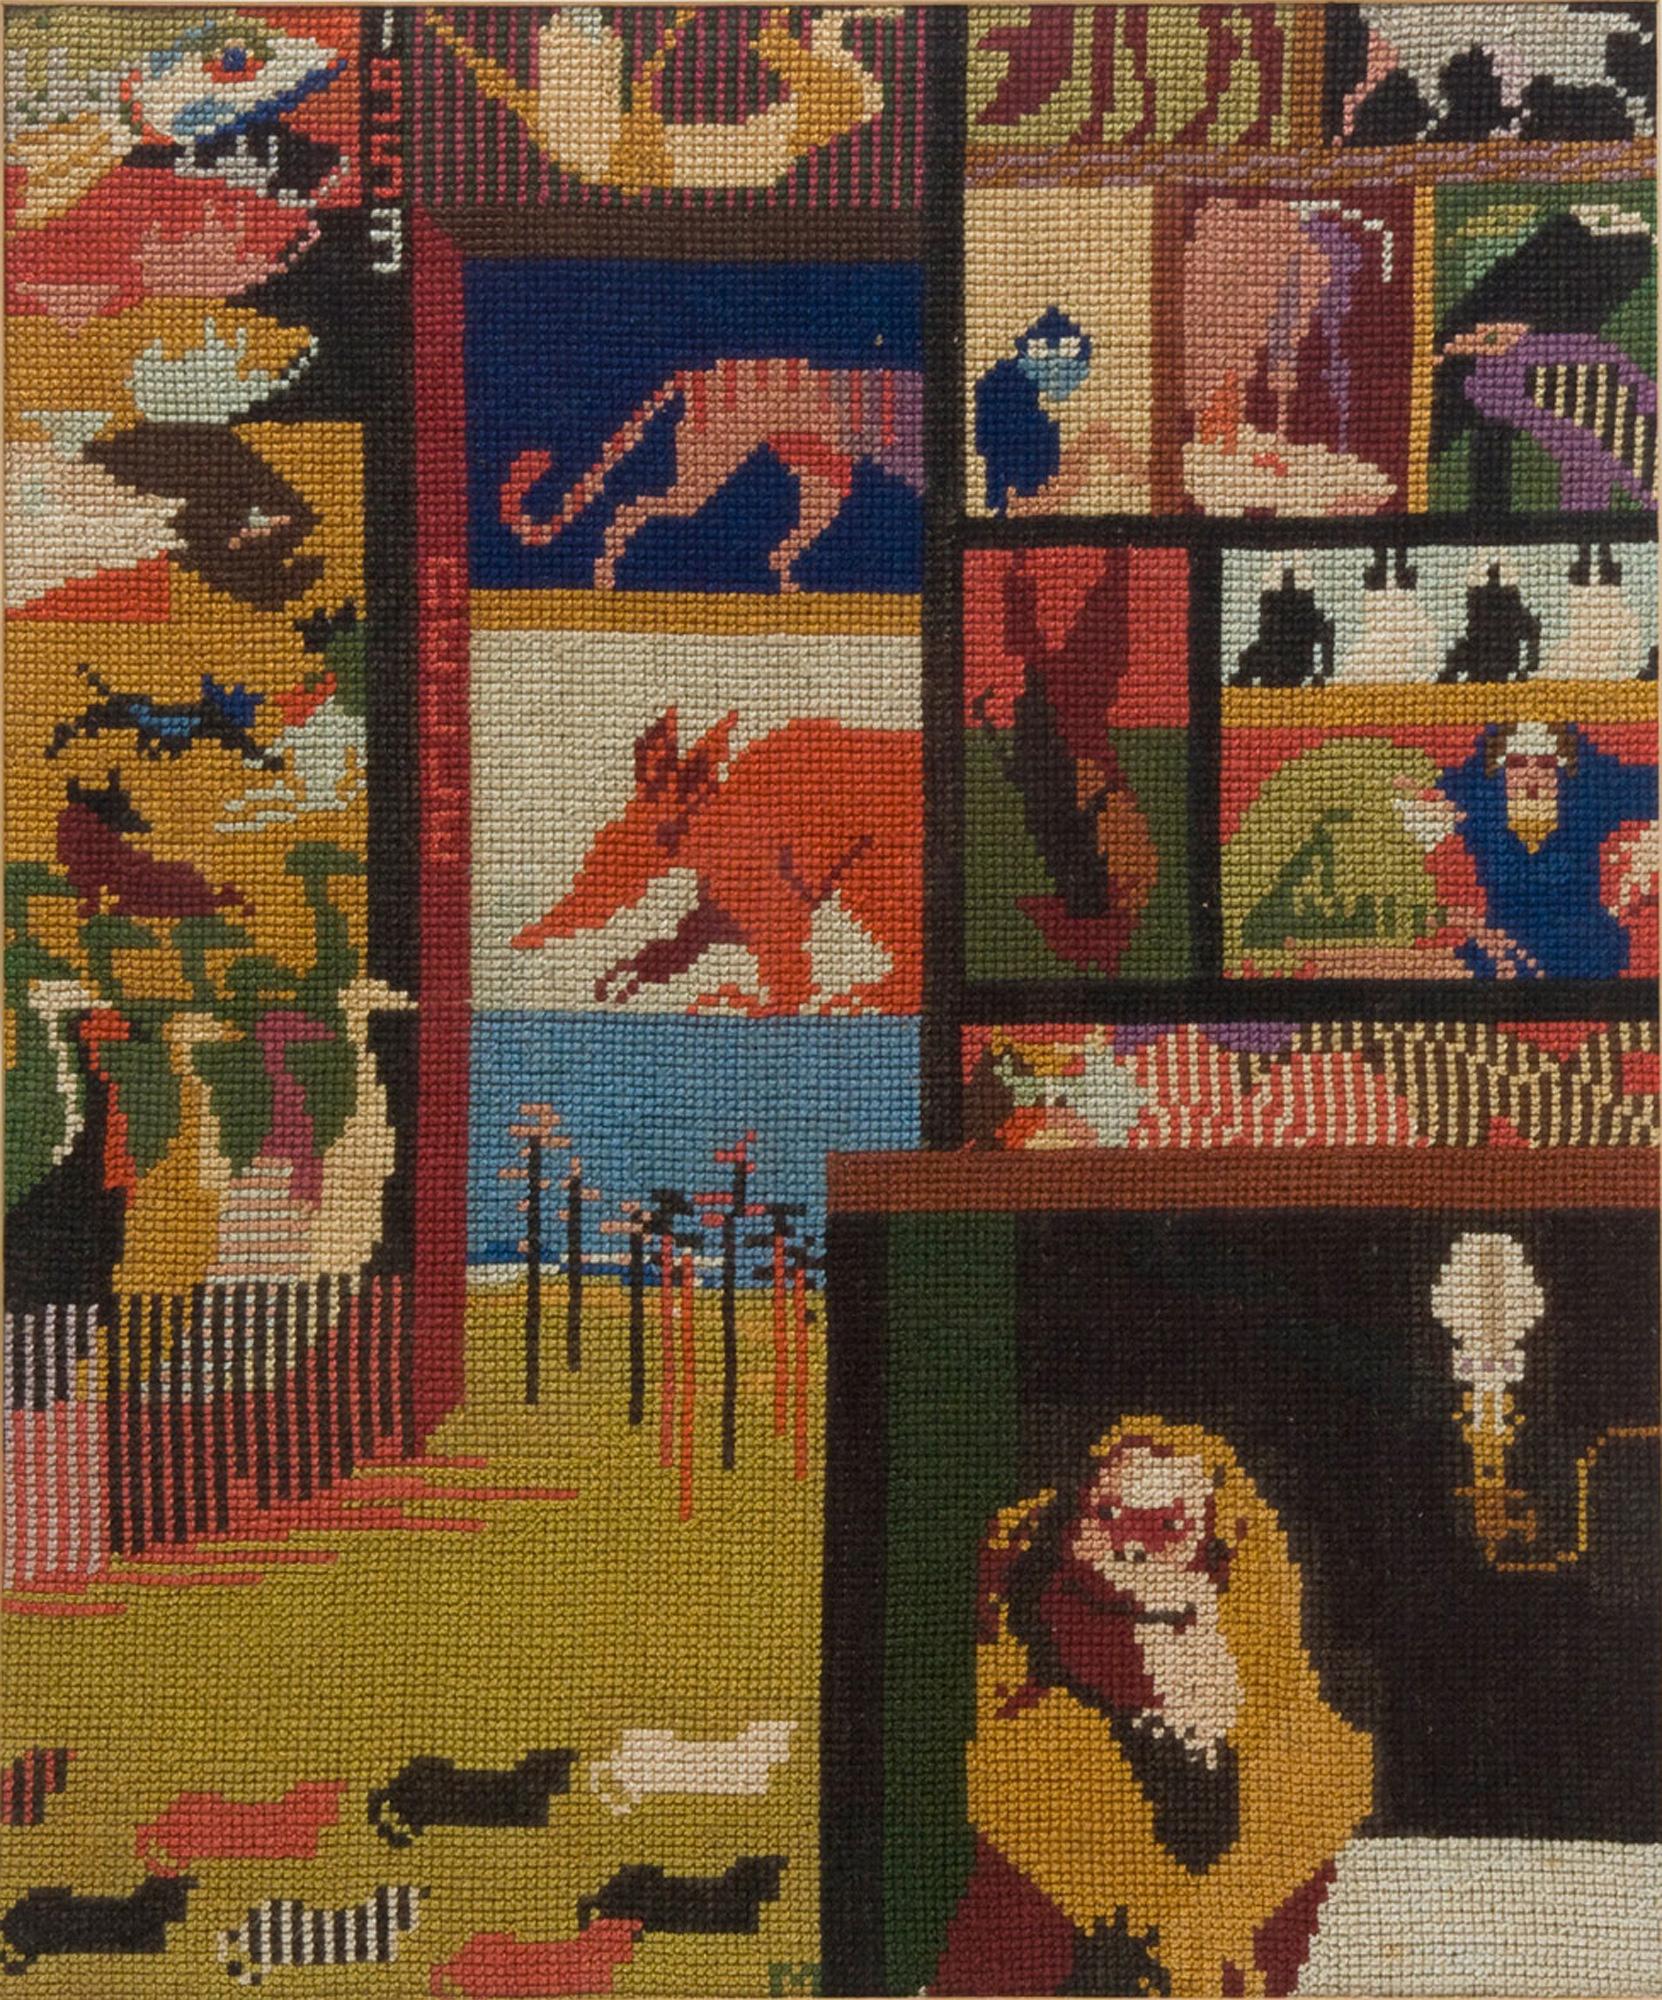 Melle schilder | Kleine roofdierengalerij, borduurzijde op stramien